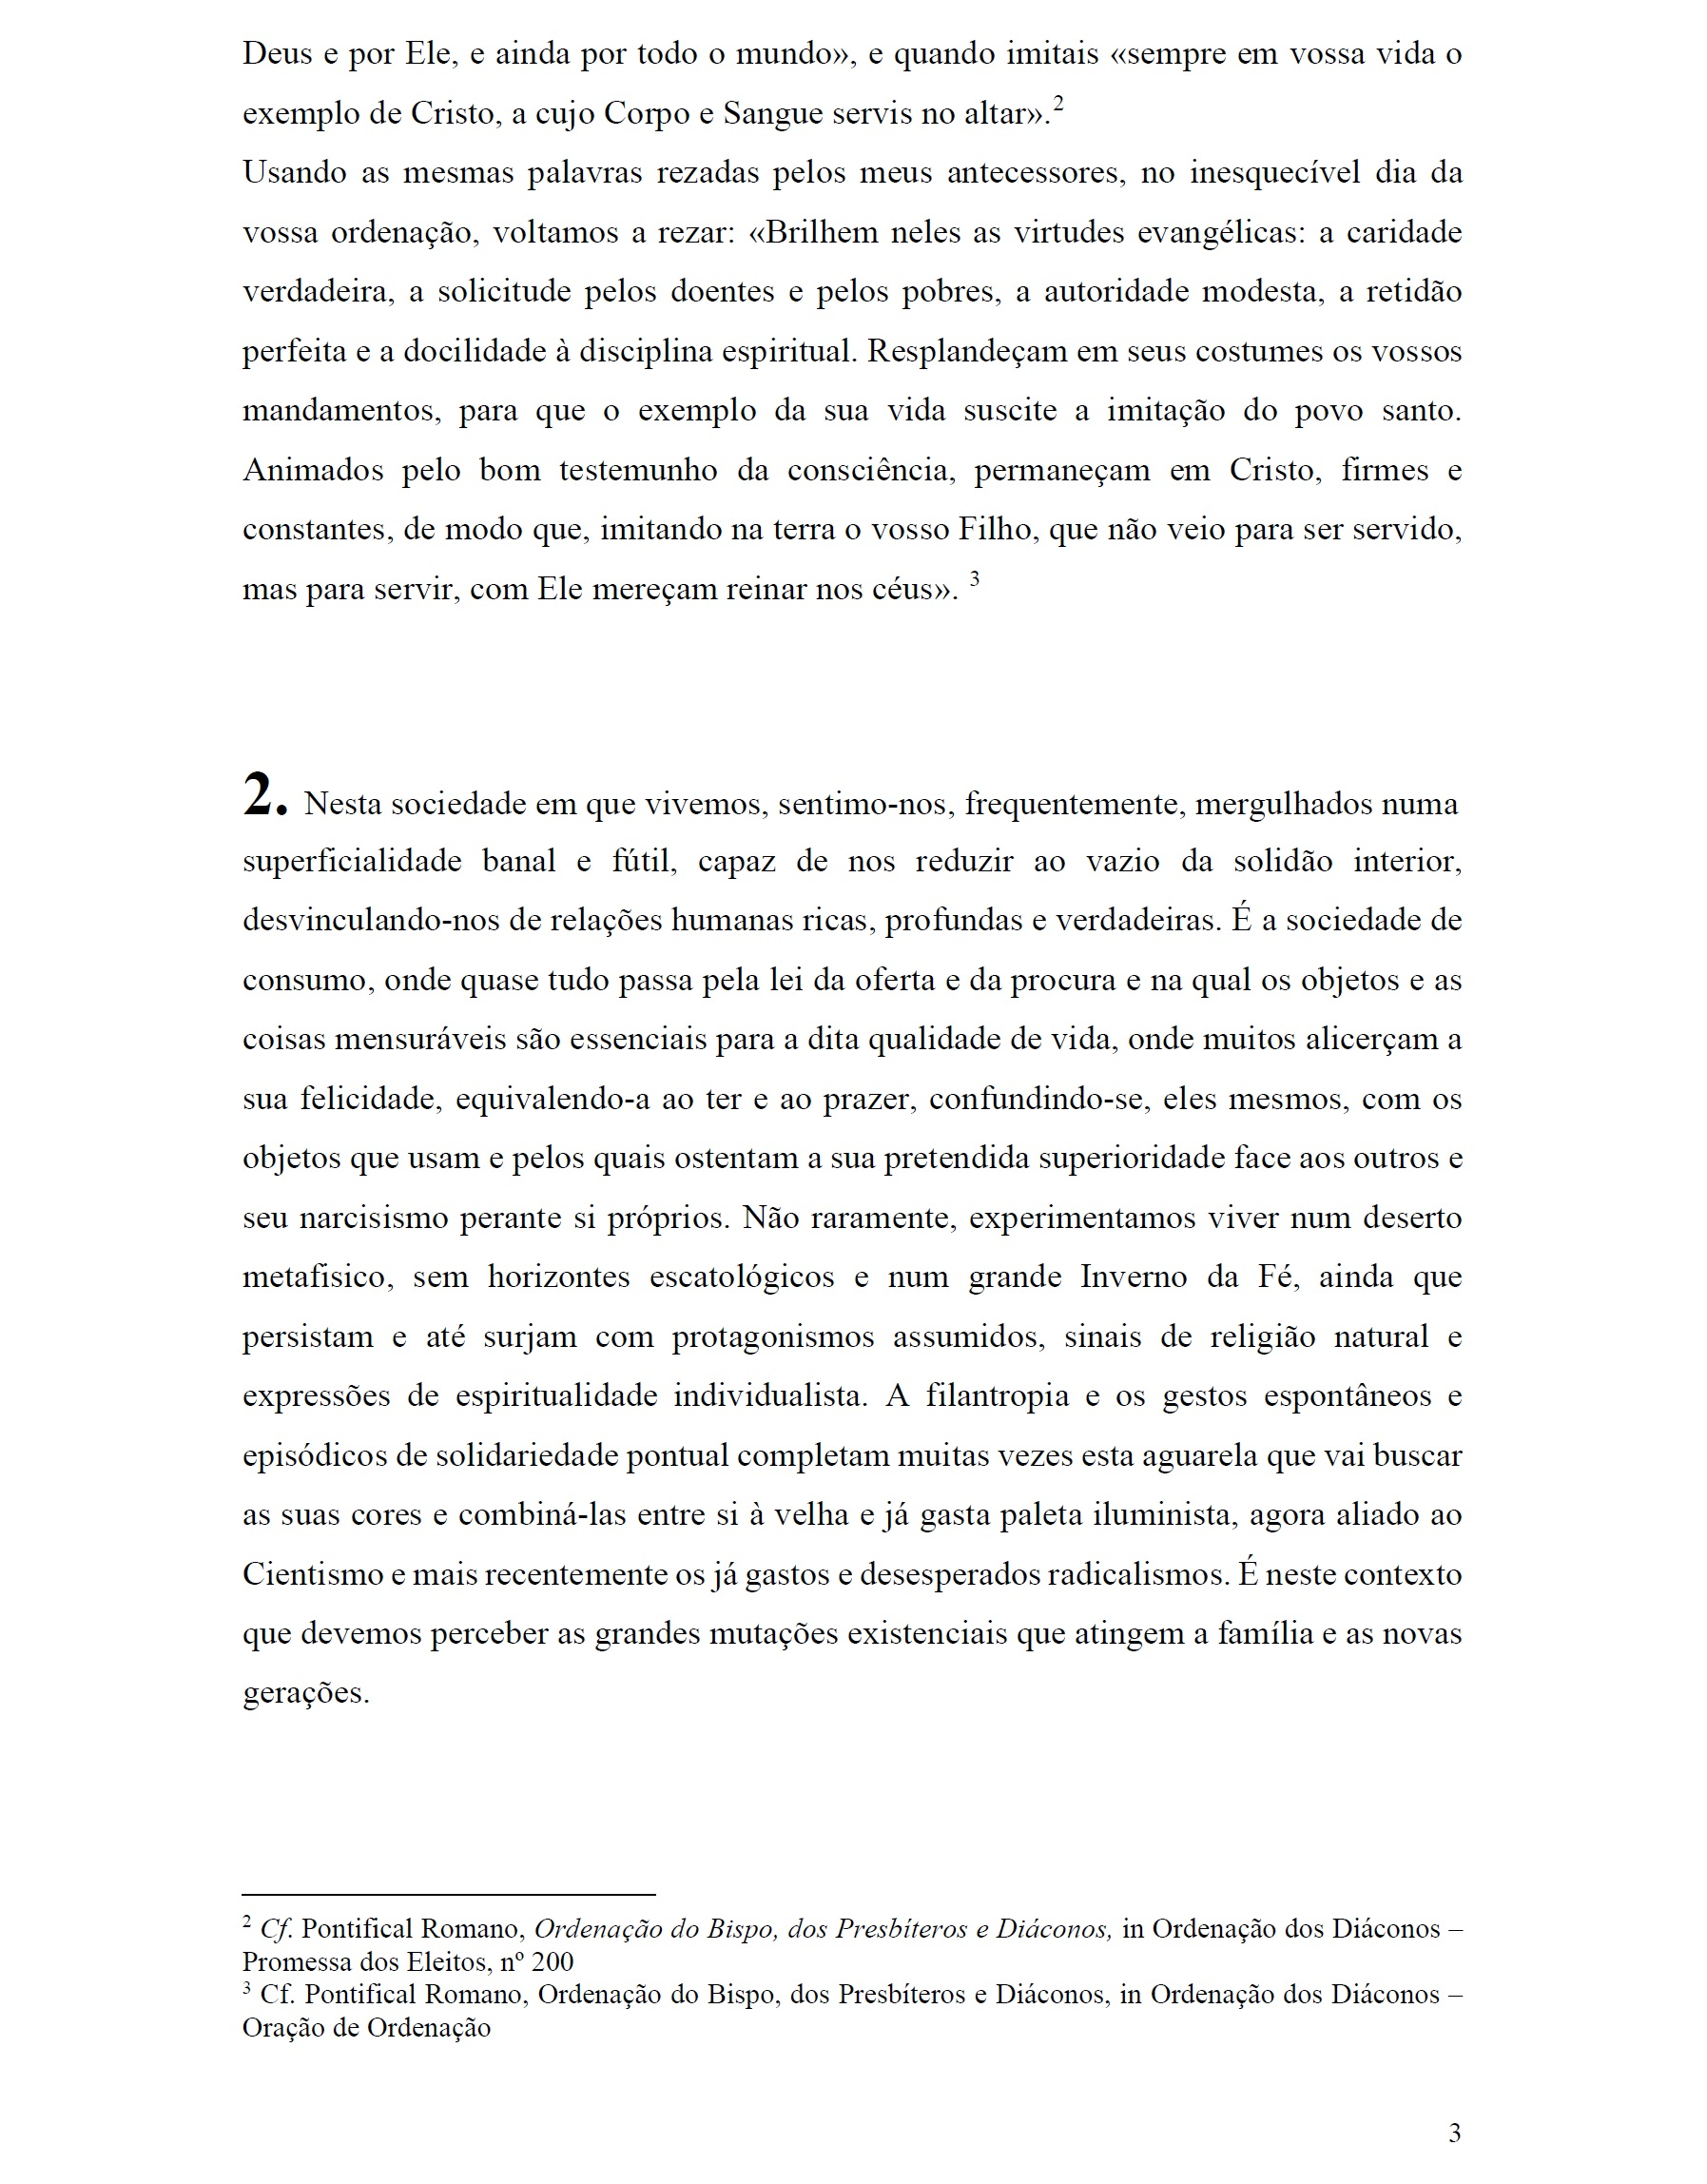 3 - Carta aos diáconos 03_04_2020_3